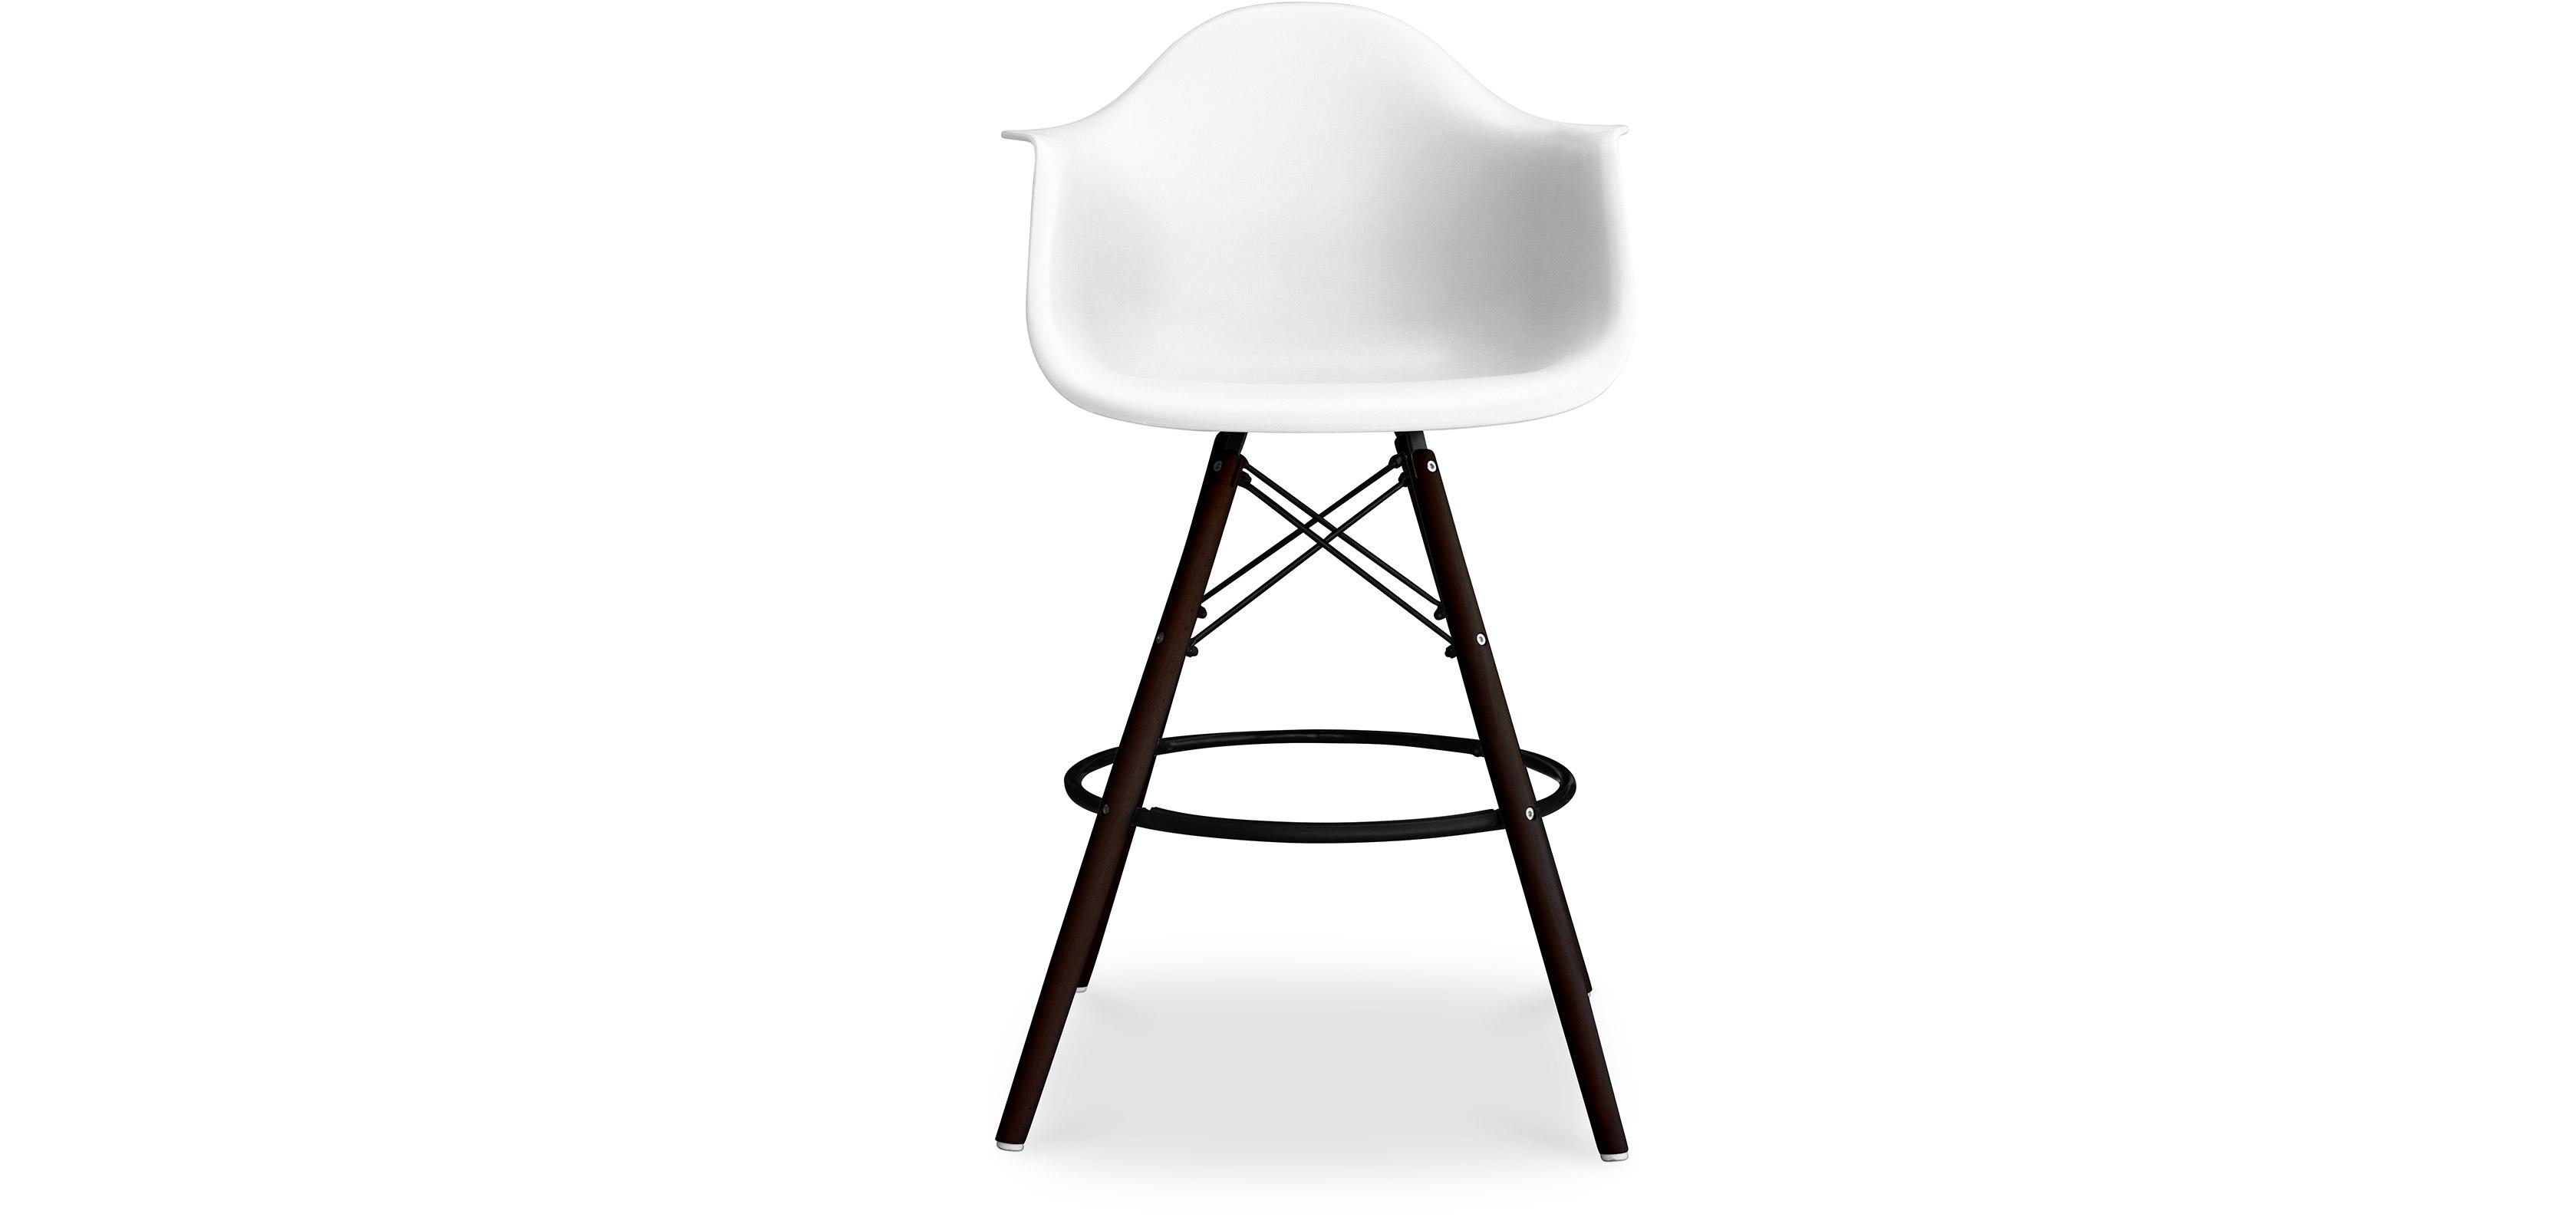 tabouret daw pi tement fonc charles eames. Black Bedroom Furniture Sets. Home Design Ideas